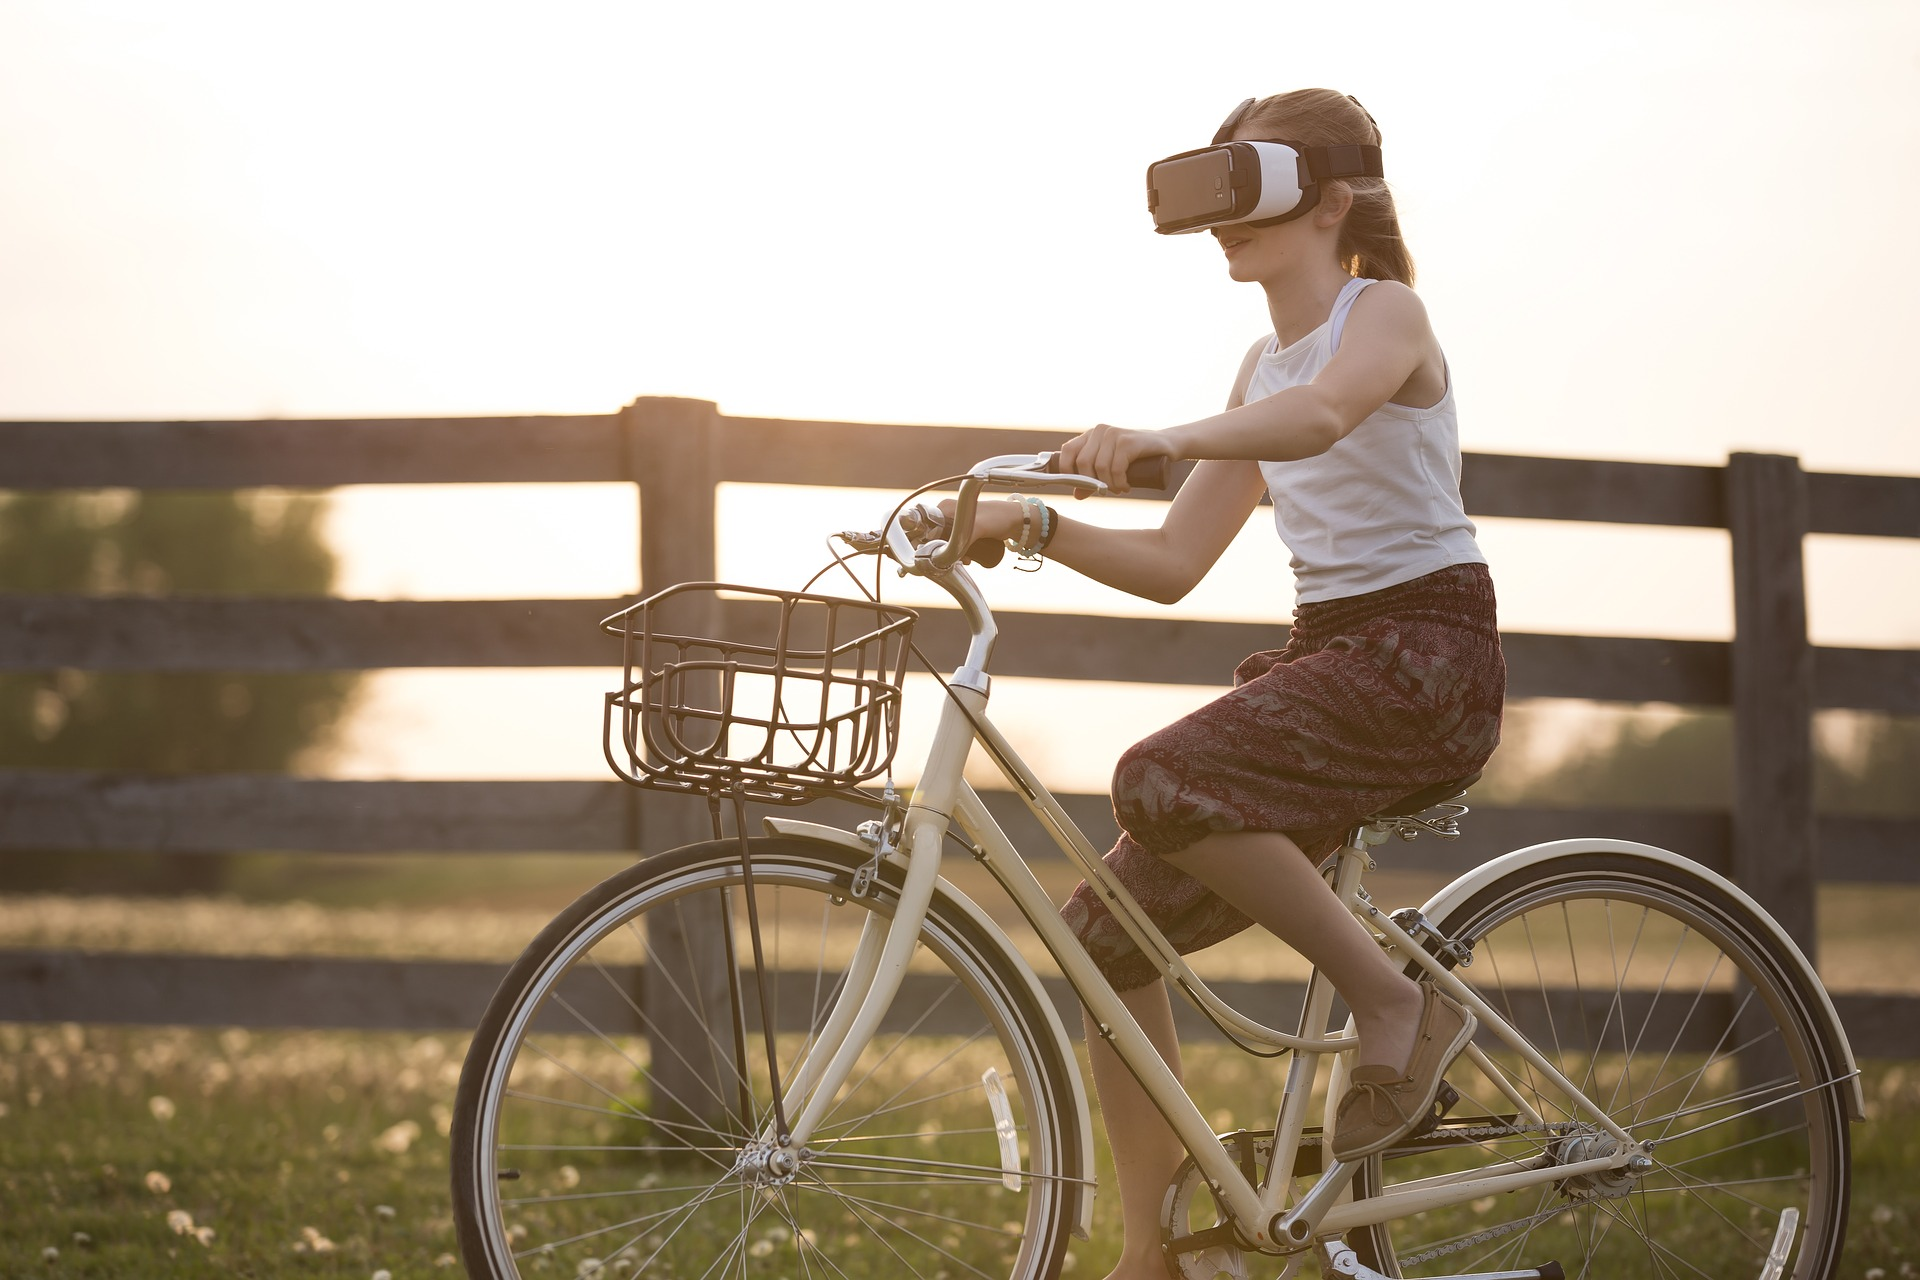 Turismo conectado y realidad aumentada gracias al 5G: el futuro del sector